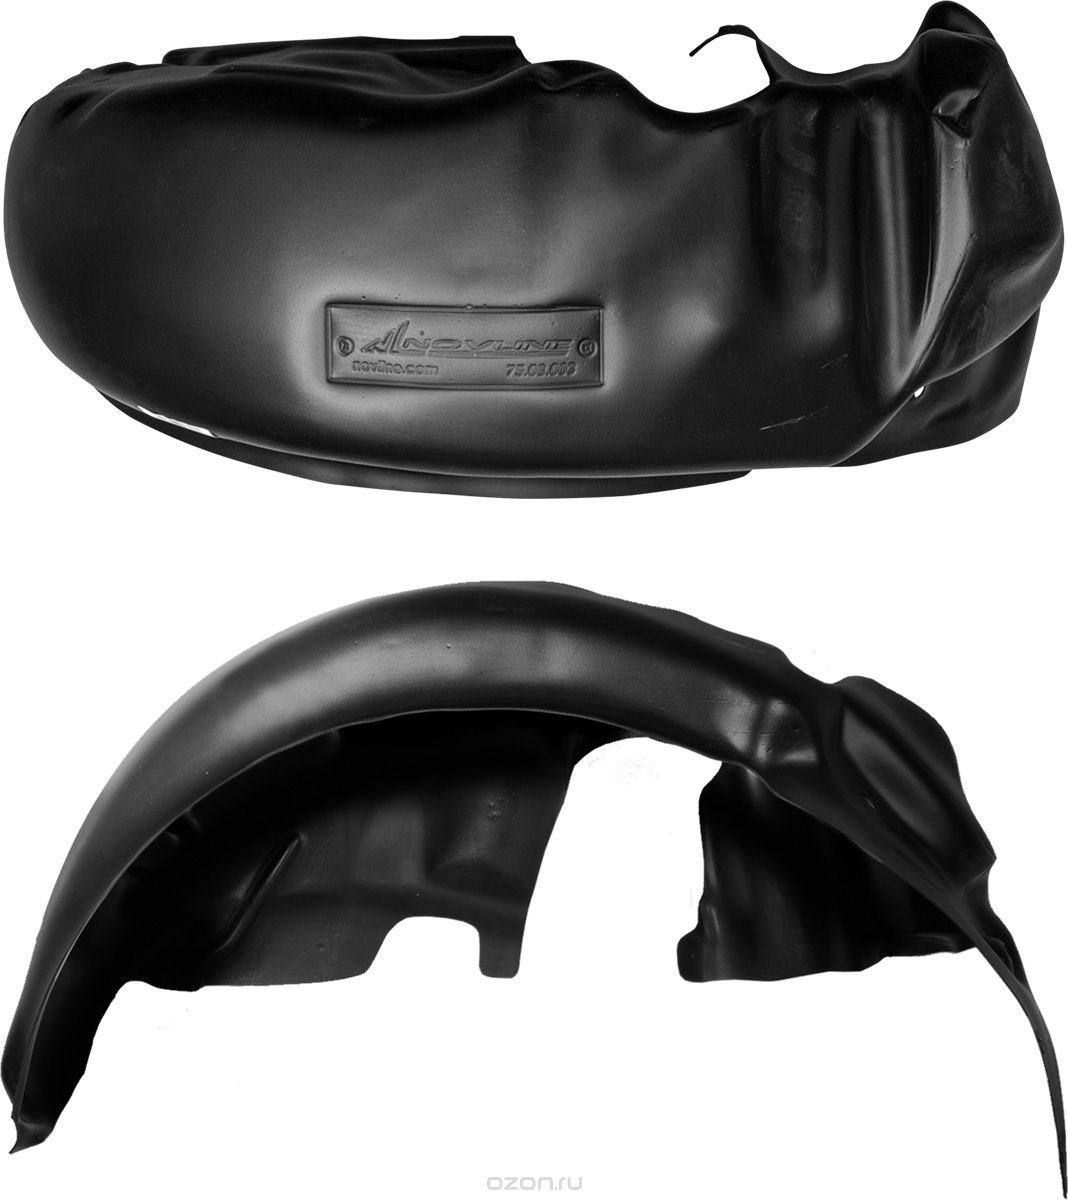 Подкрылок Novline-Autofamily, для Haima M3, 09/2014->, седан, передний левыйNLL.83.03.001Идеальная защита колесной ниши. Локеры разработаны с применением цифровых технологий, гарантируют максимальную повторяемость поверхности арки. Изделия устанавливаются без нарушения лакокрасочного покрытия автомобиля, каждый подкрылок комплектуется крепежом. Уважаемые клиенты, обращаем ваше внимание, что фотографии на подкрылки универсальные и не отражают реальную форму изделия. При этом само изделие идет точно под размер указанного автомобиля.